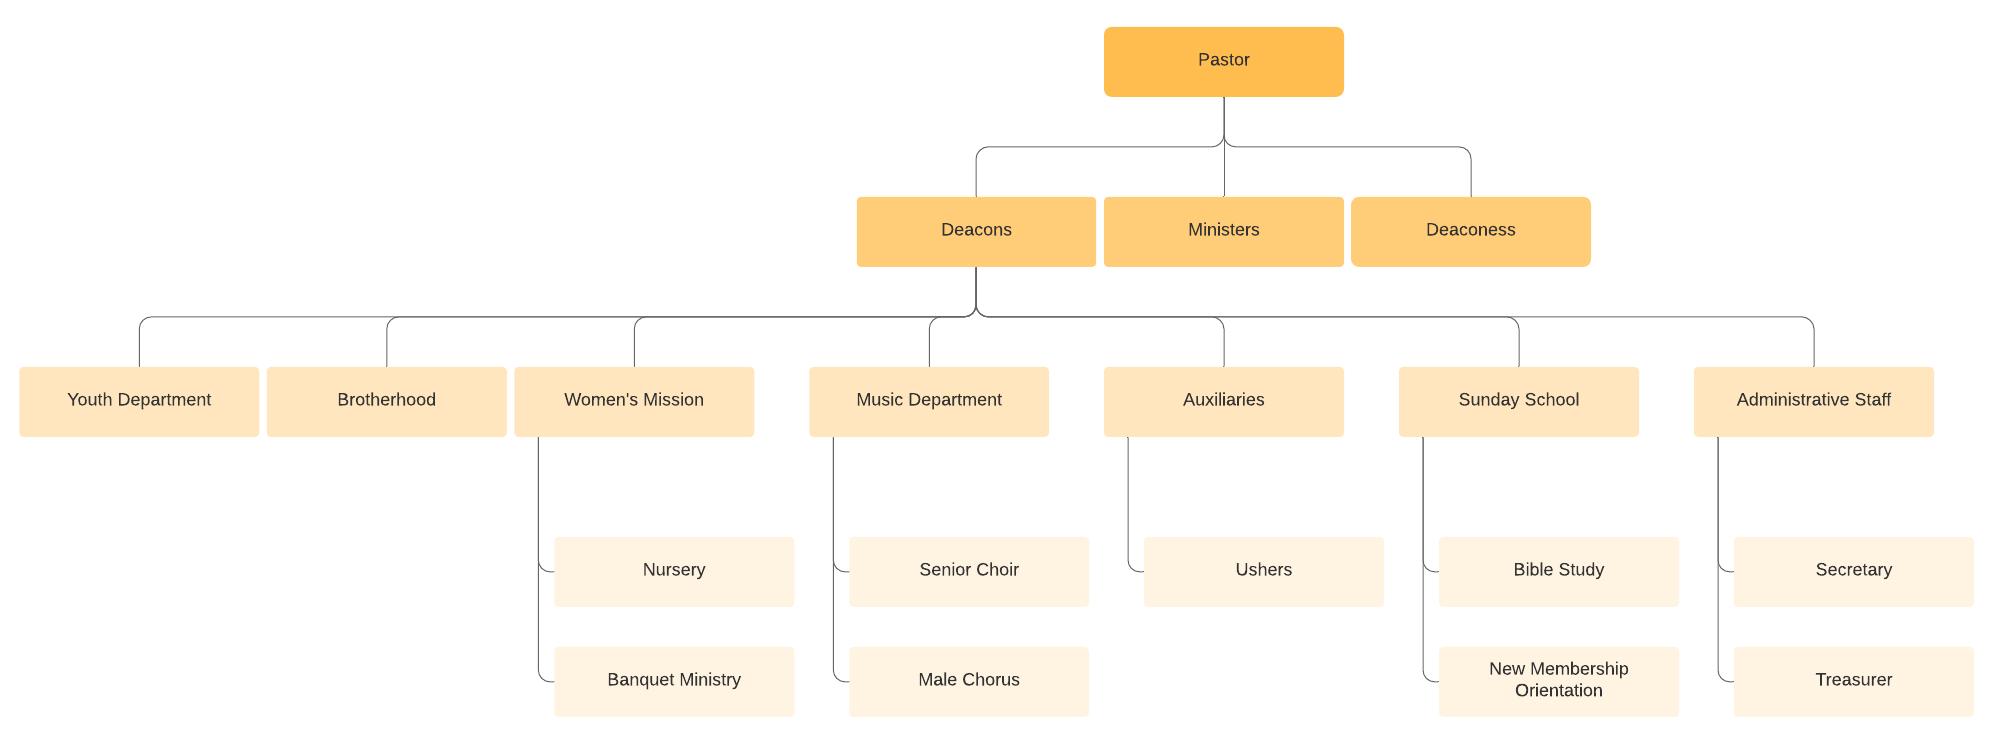 church org chart template